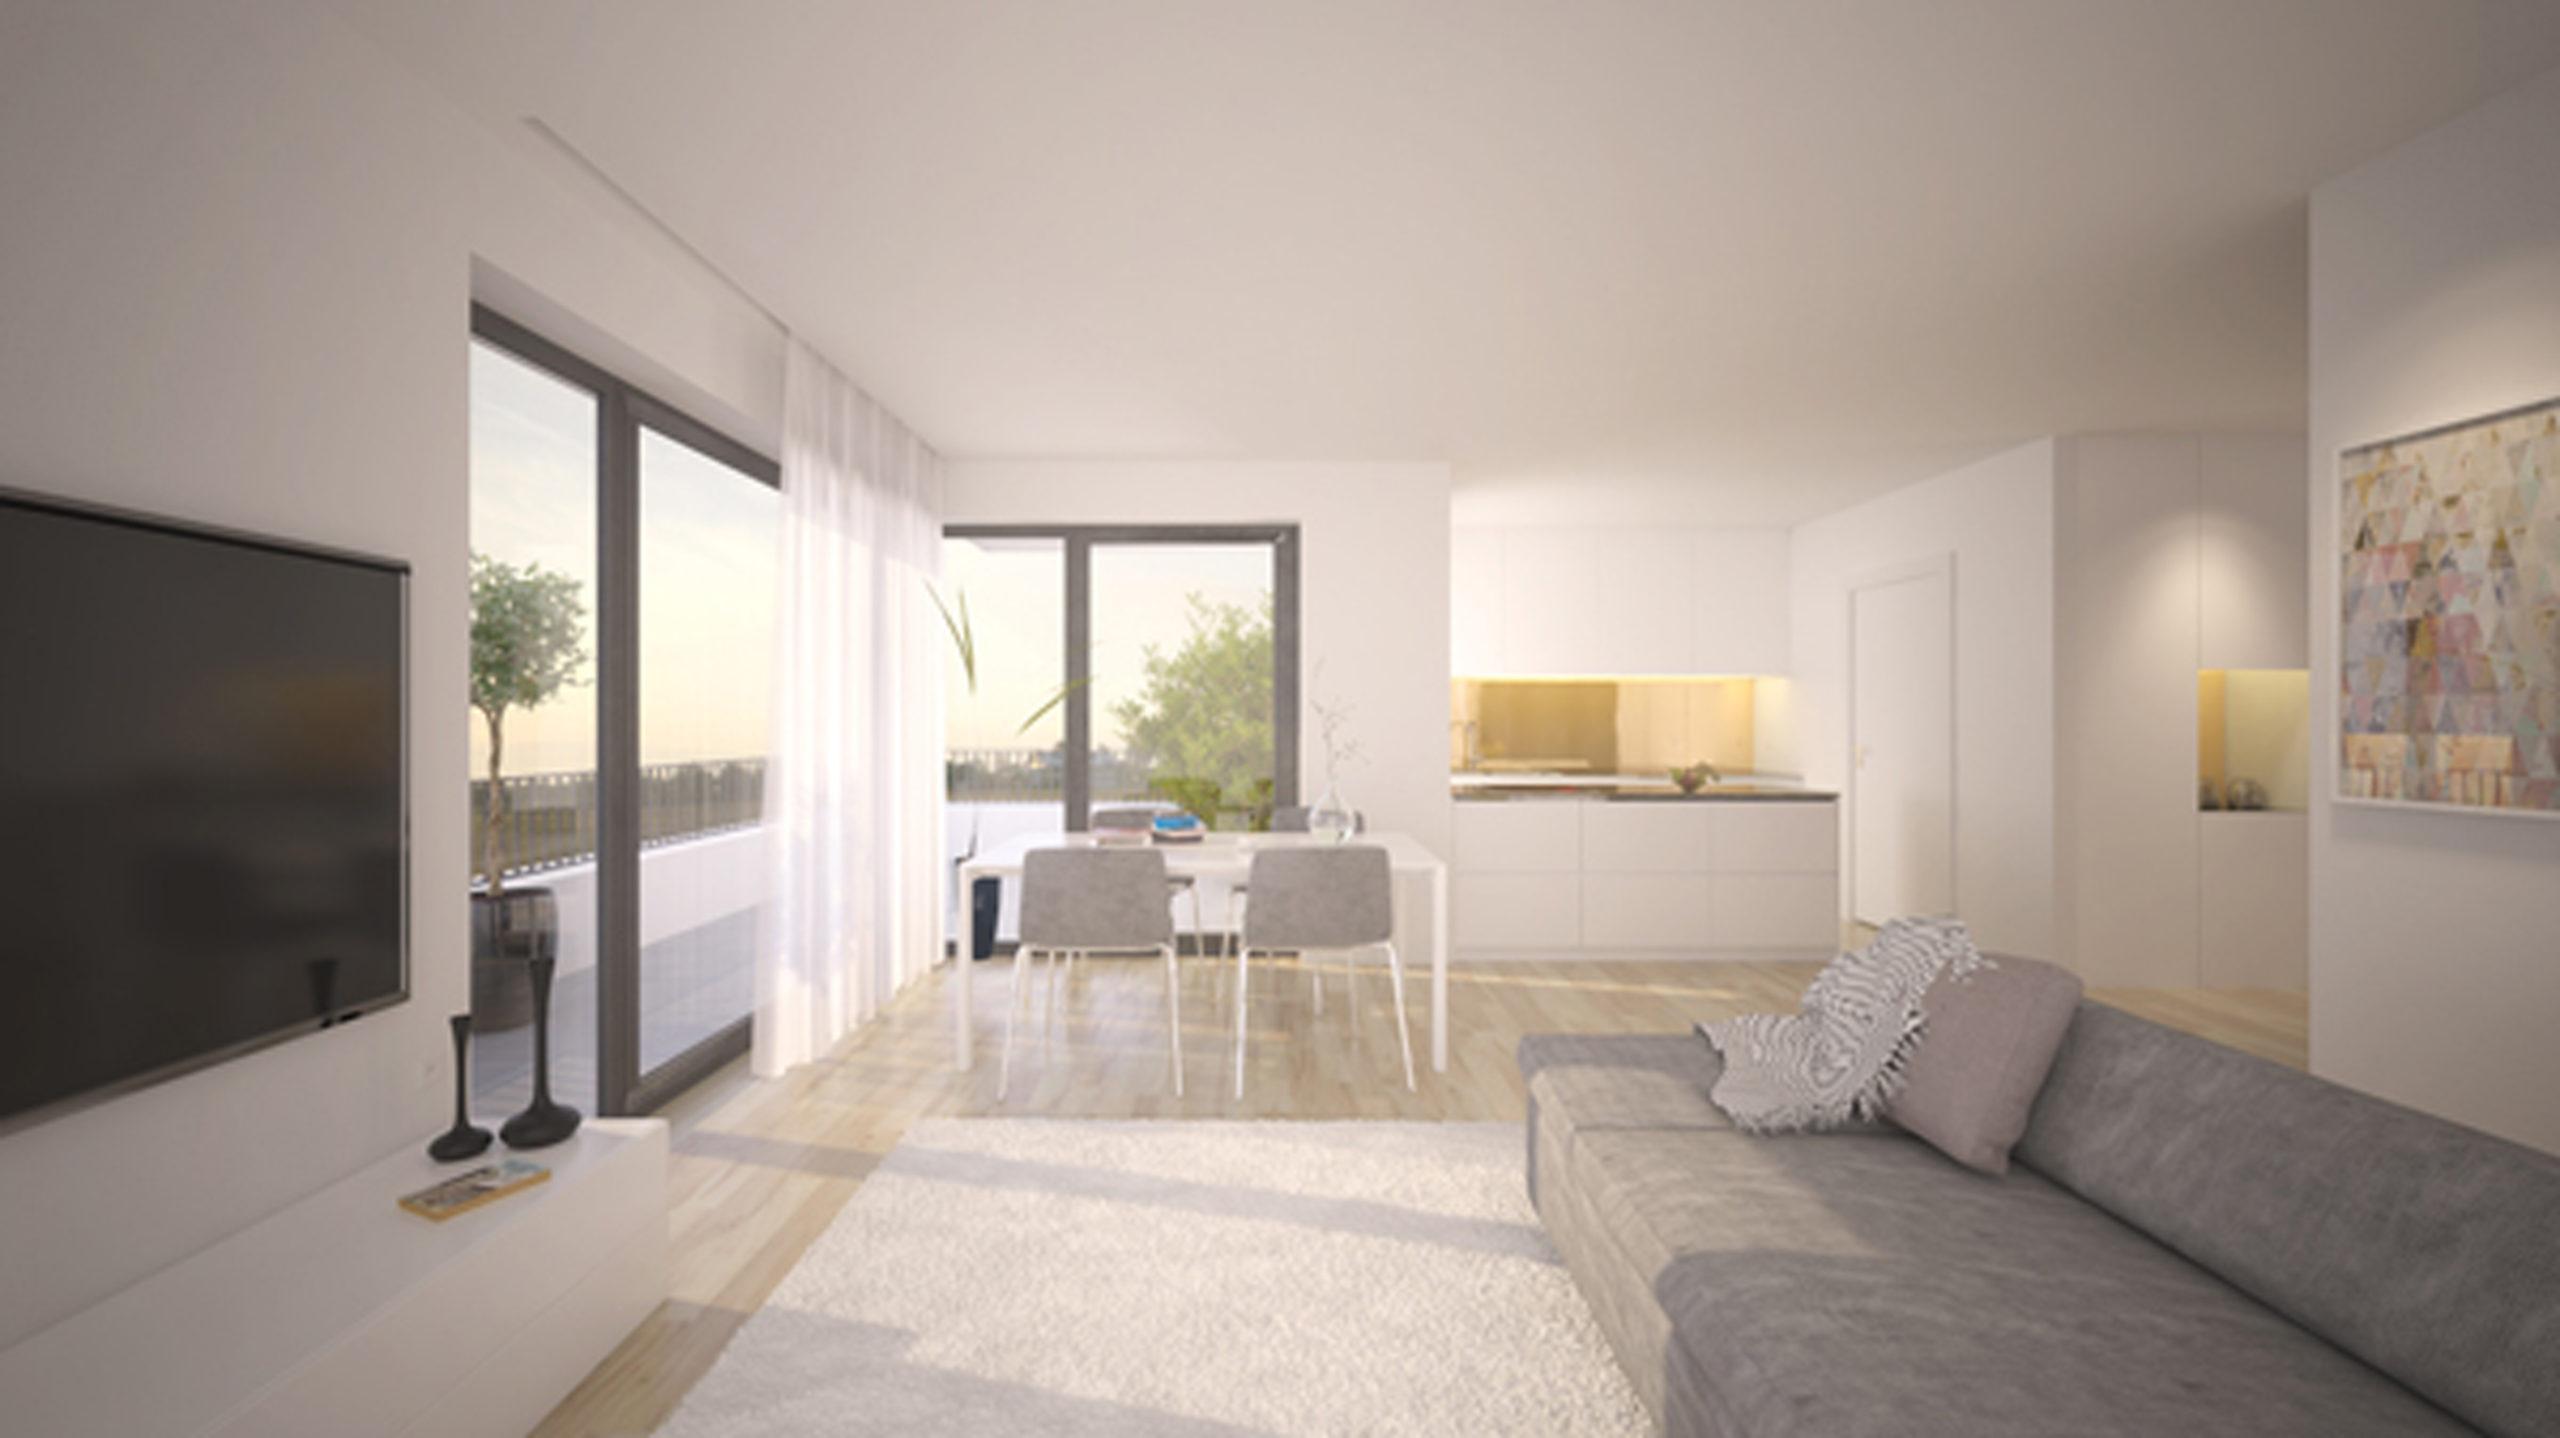 Wohnraum Innenansicht Wohnanlage, Bullay Neubau